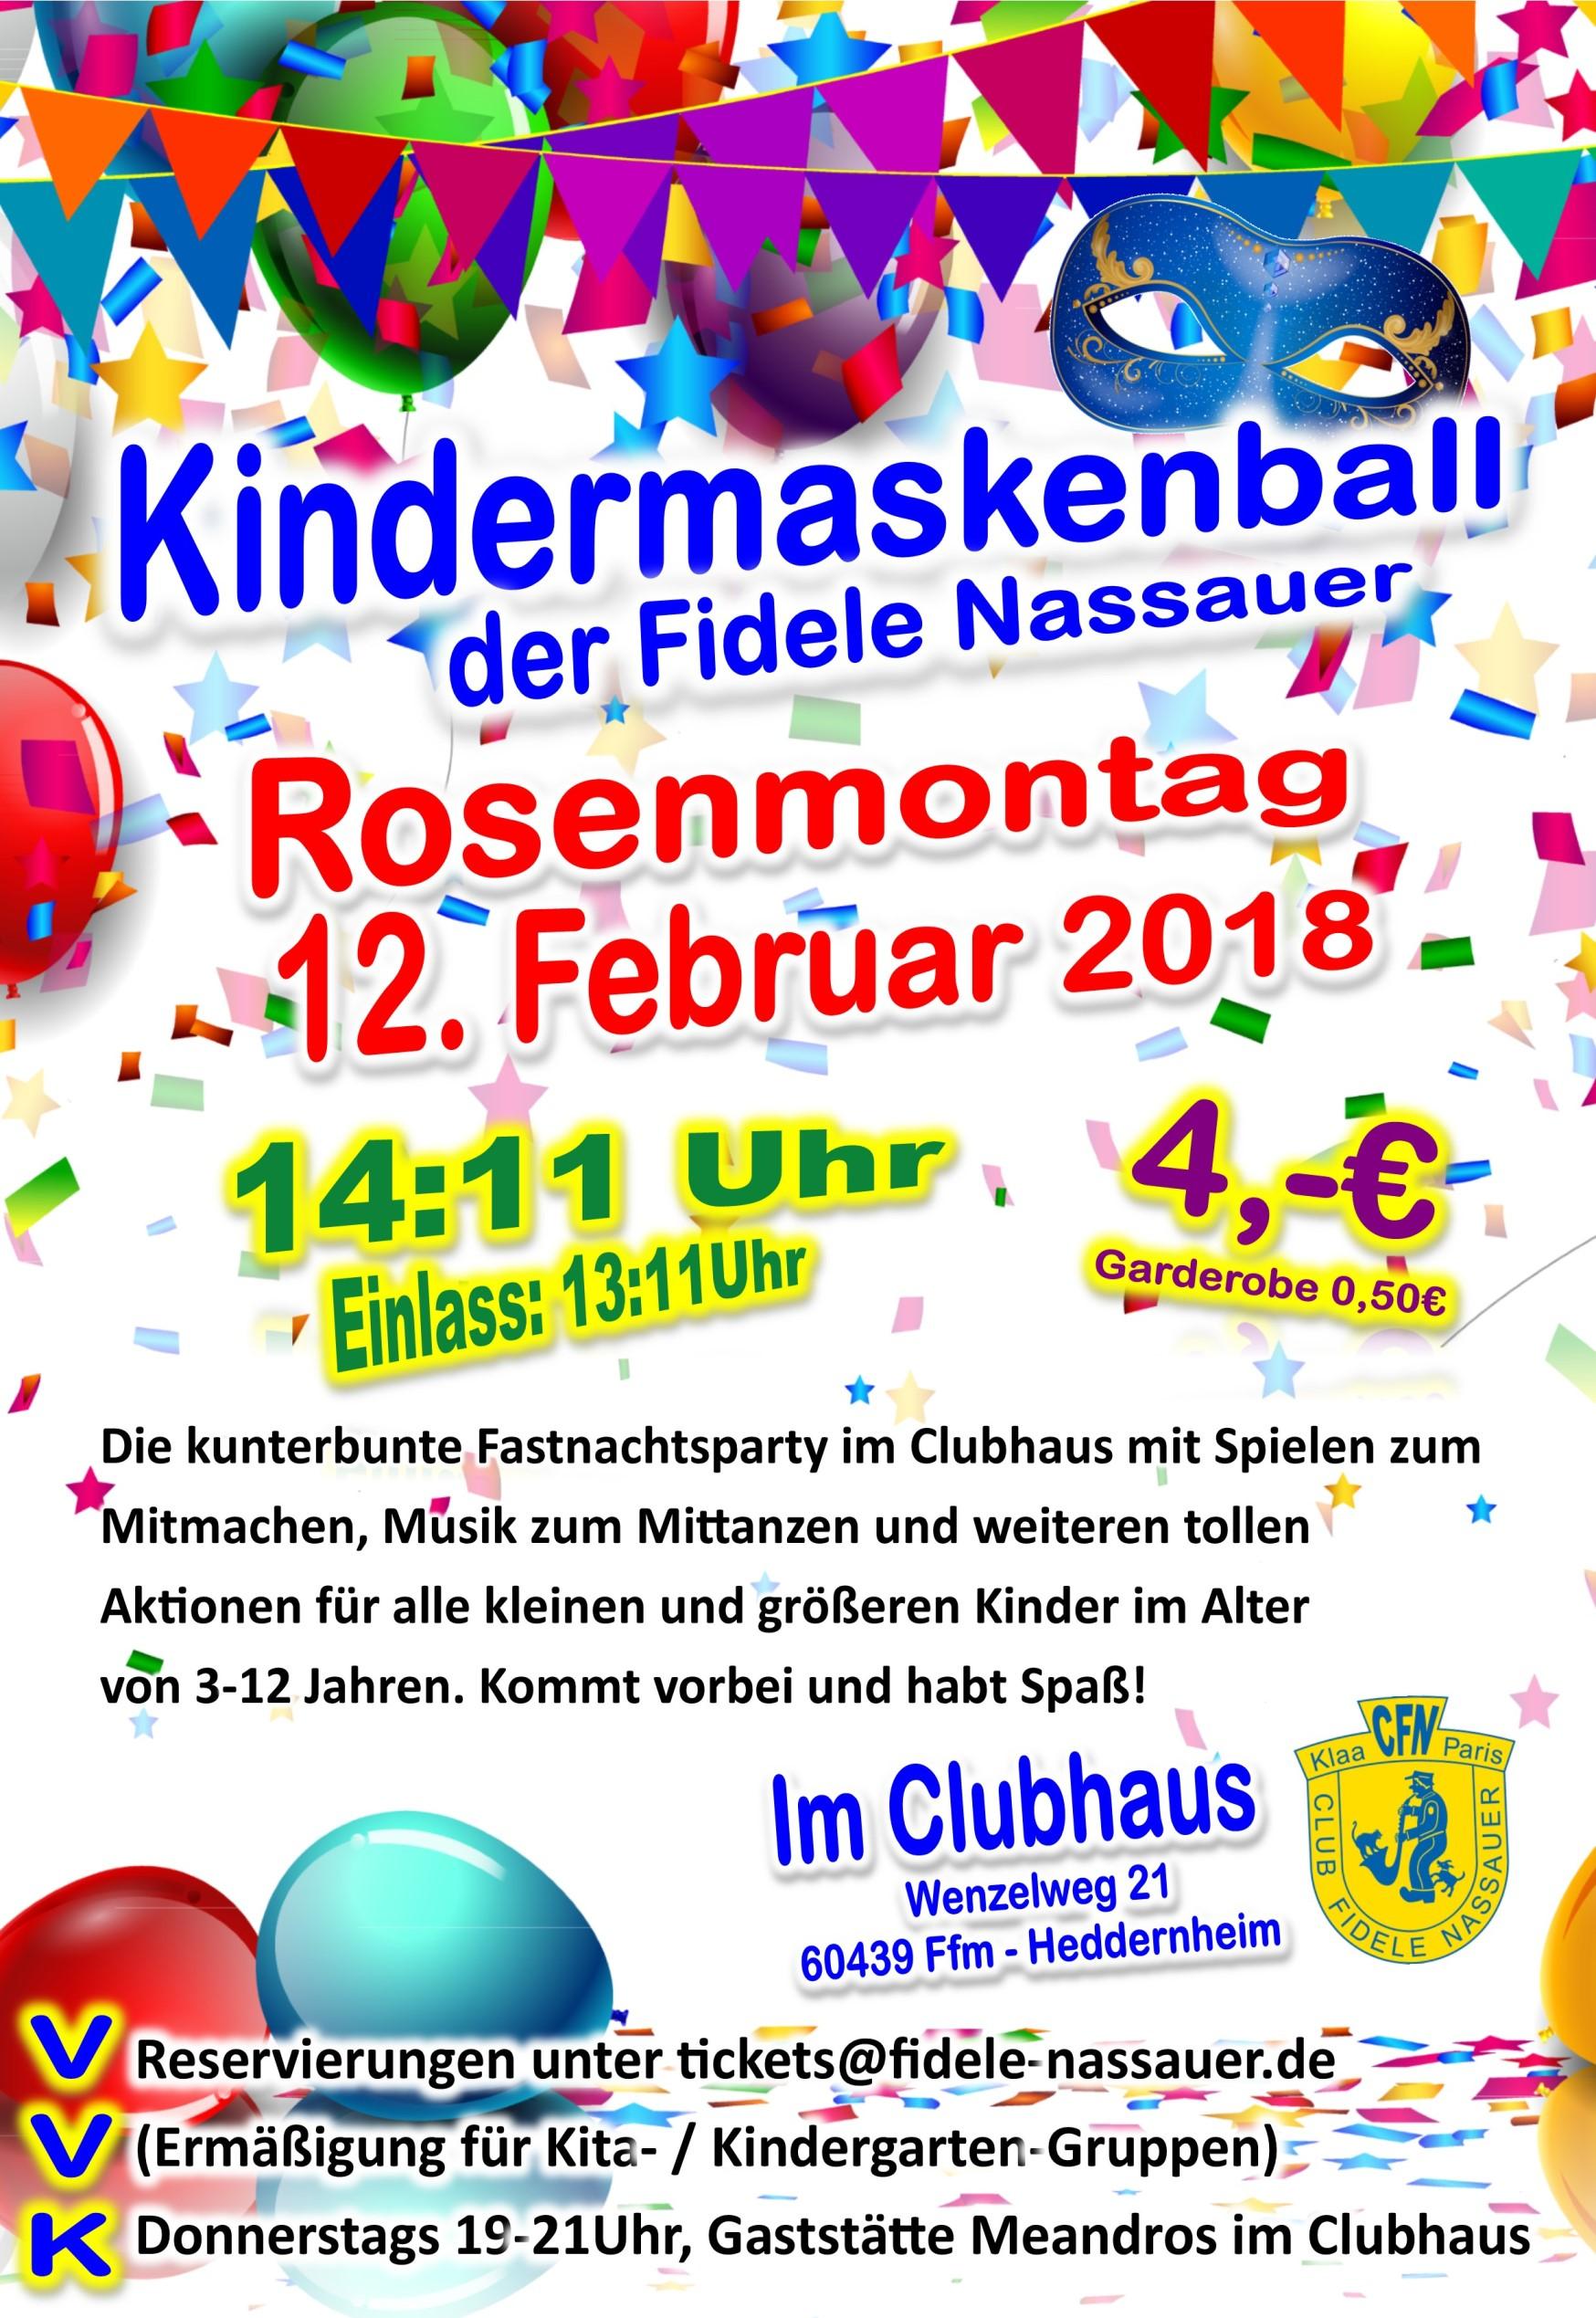 Kindermaskenball18